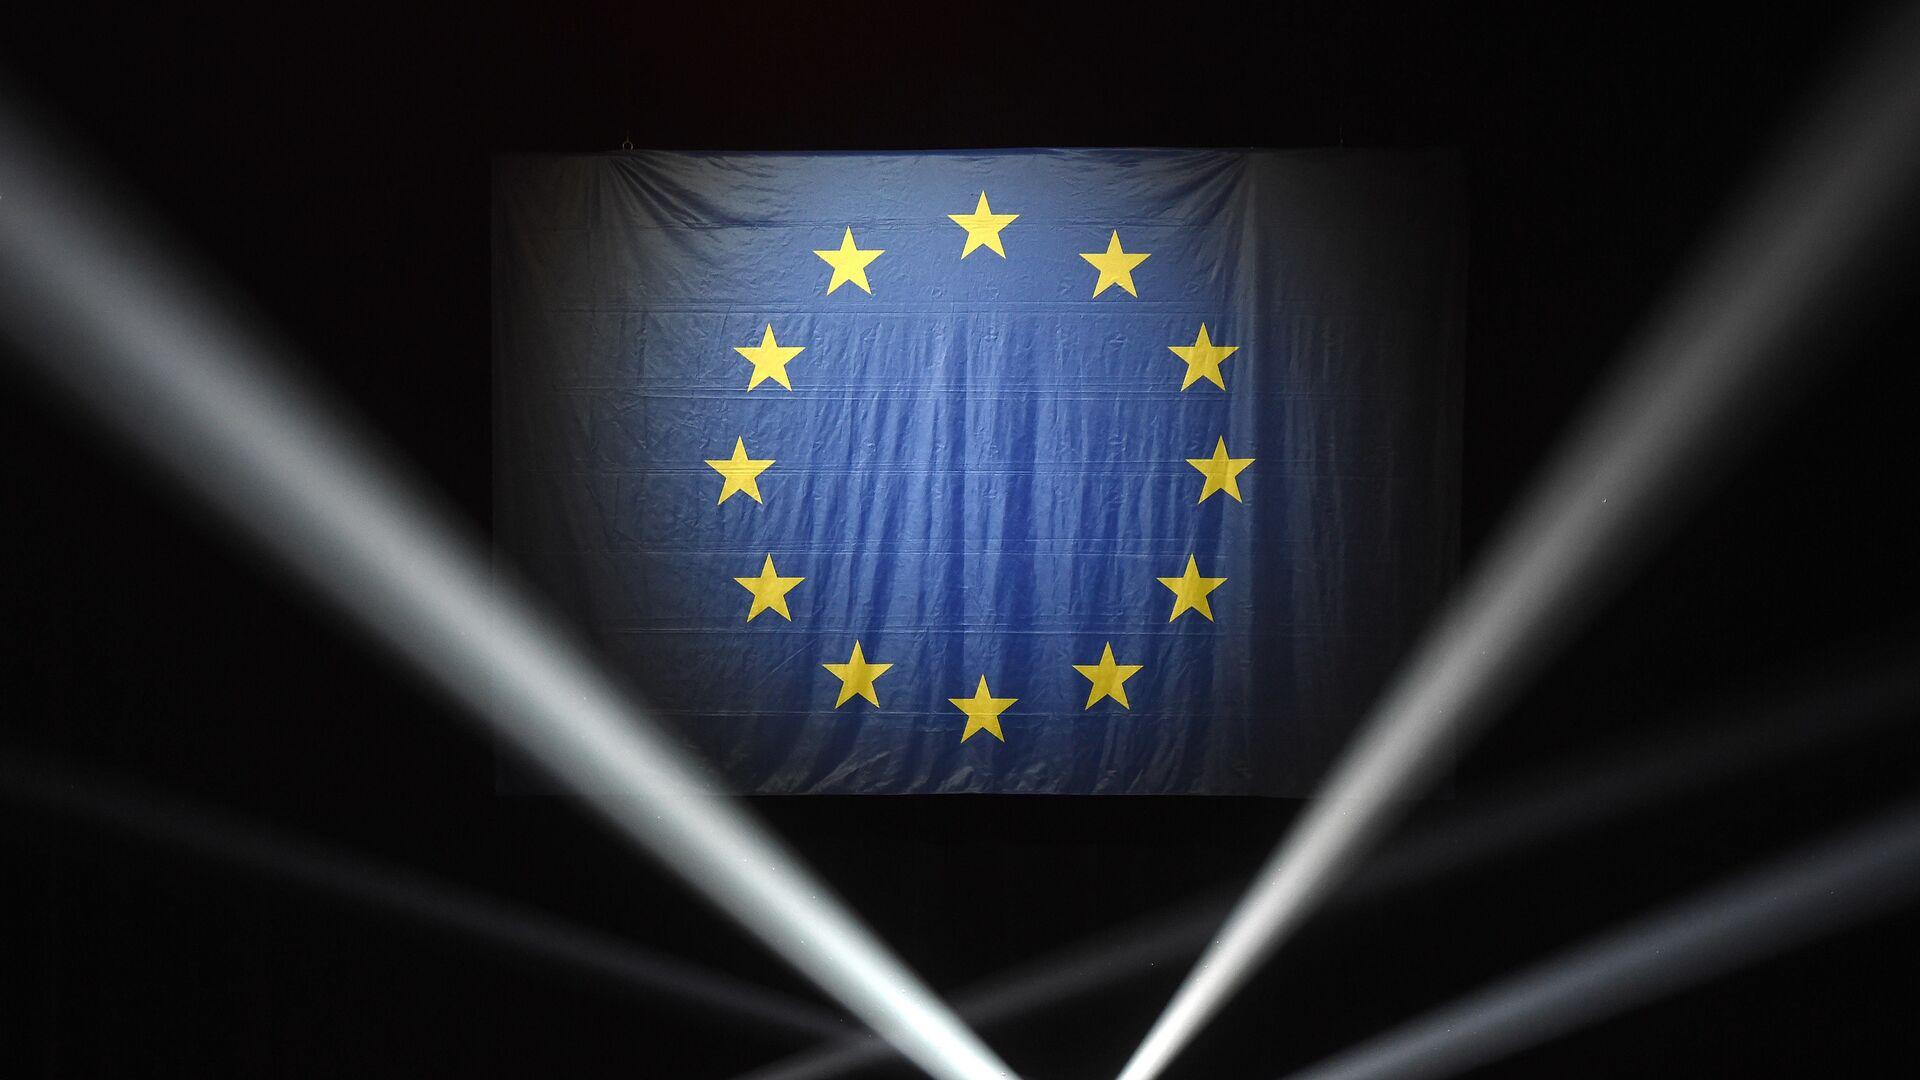 Ευρωπαϊκή Ένωση.  - Sputnik Ελλάδα, 1920, 20.09.2021